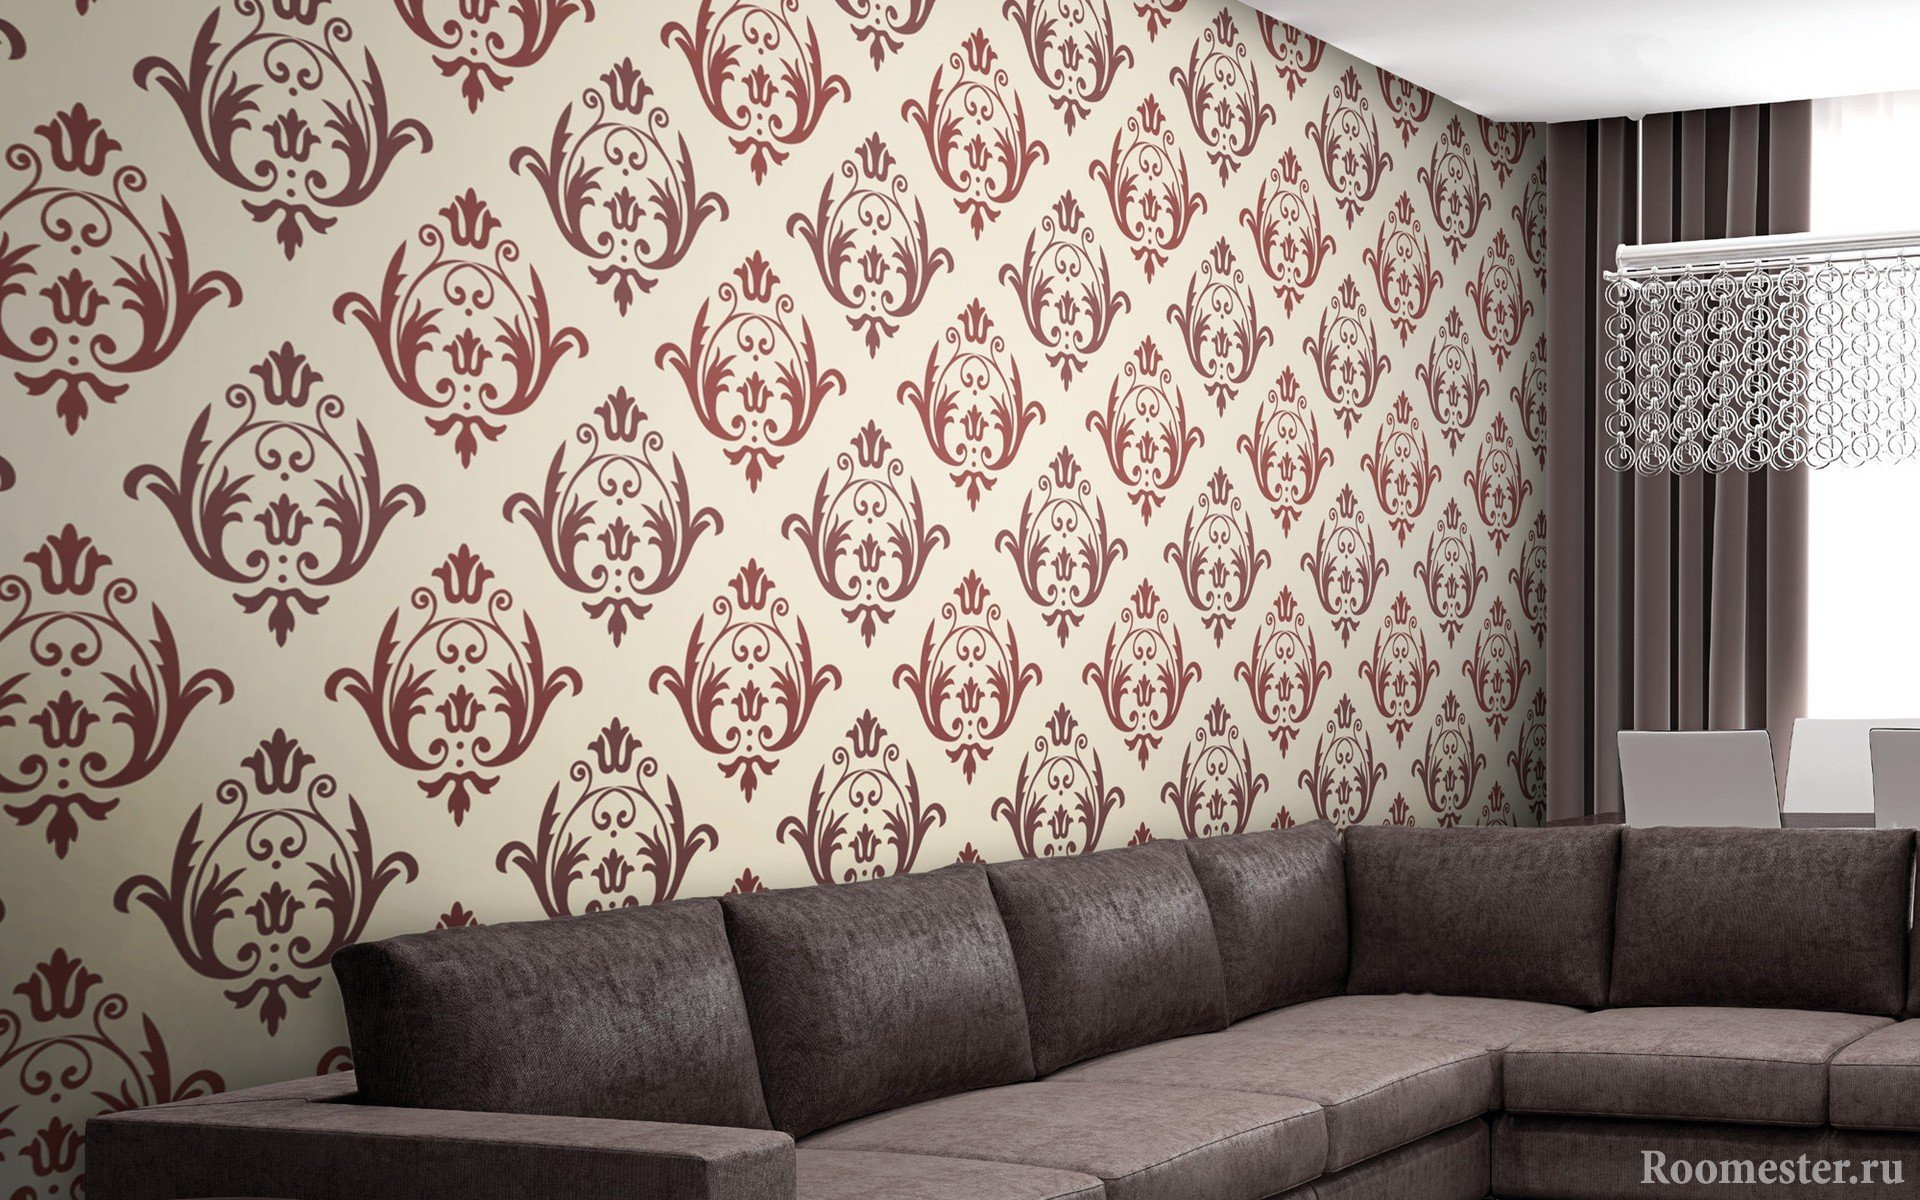 Дизайн-проект стены оклеянной обоями